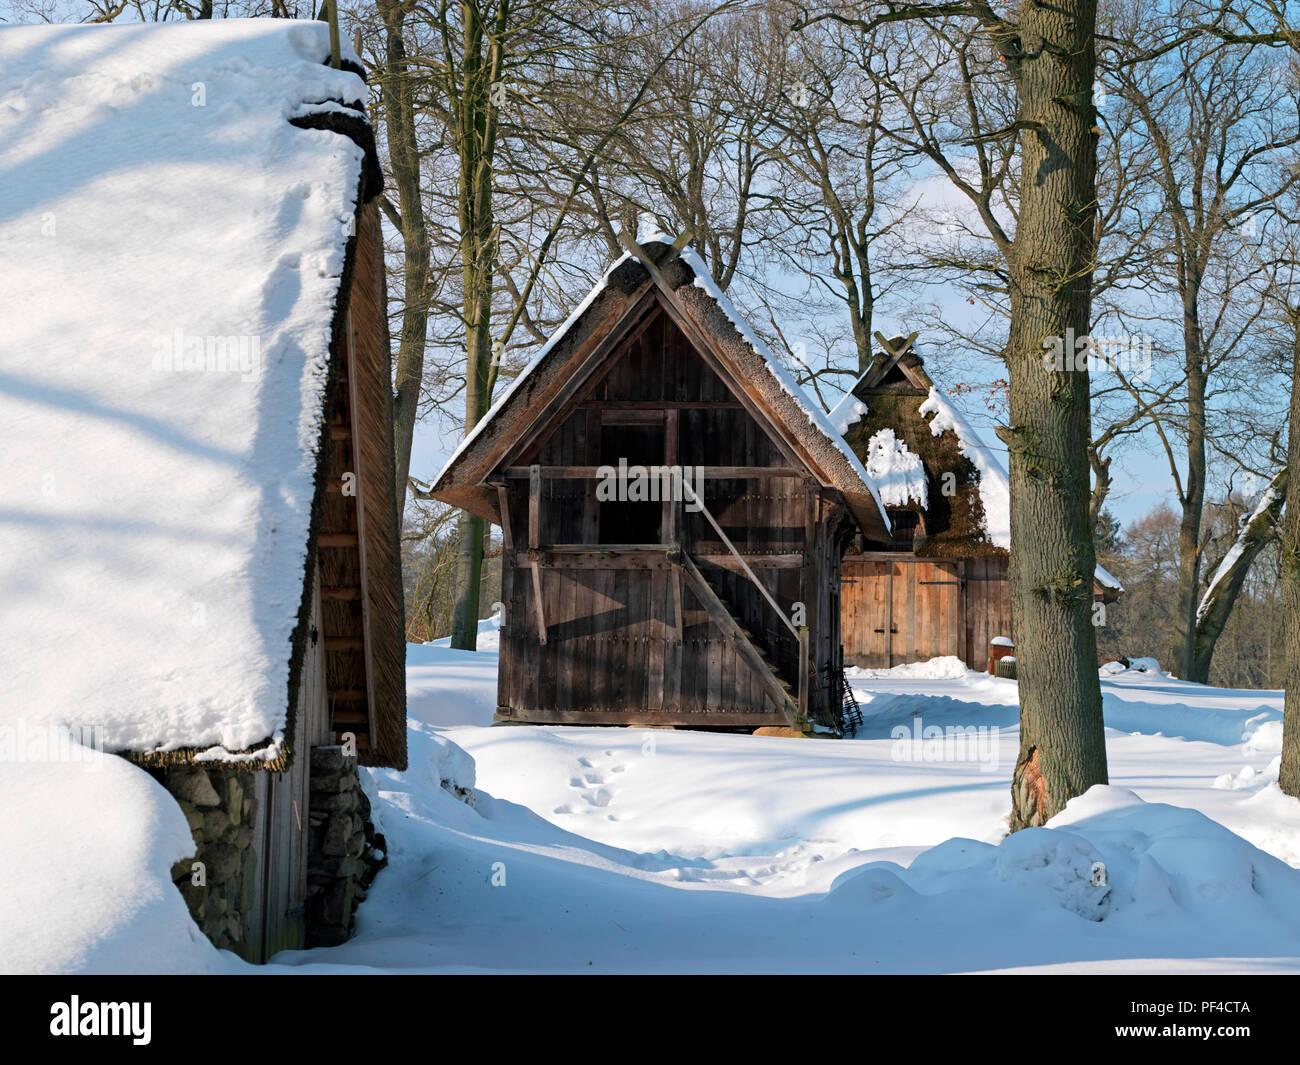 Naturpark Lüneburger Heide, Winter, Emhof, Wilsede, Gemeinde Bispingen, Landkreis Diepholz, Niedersachsen, Deutschland | Naturpark L Stockbild